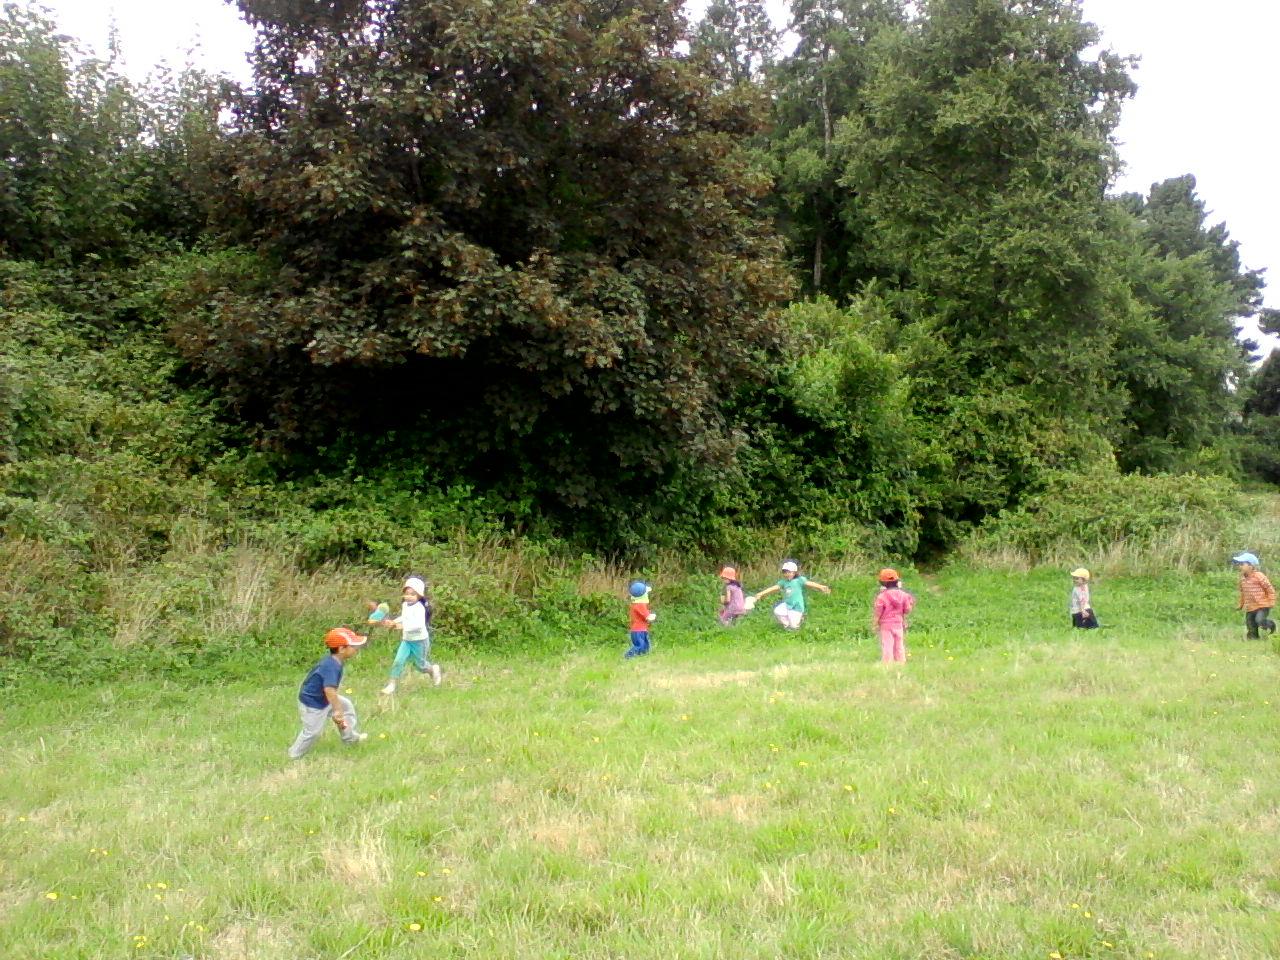 Jardin infantil caracolito se va el verano 2011 for Jardin infantil verano 2016